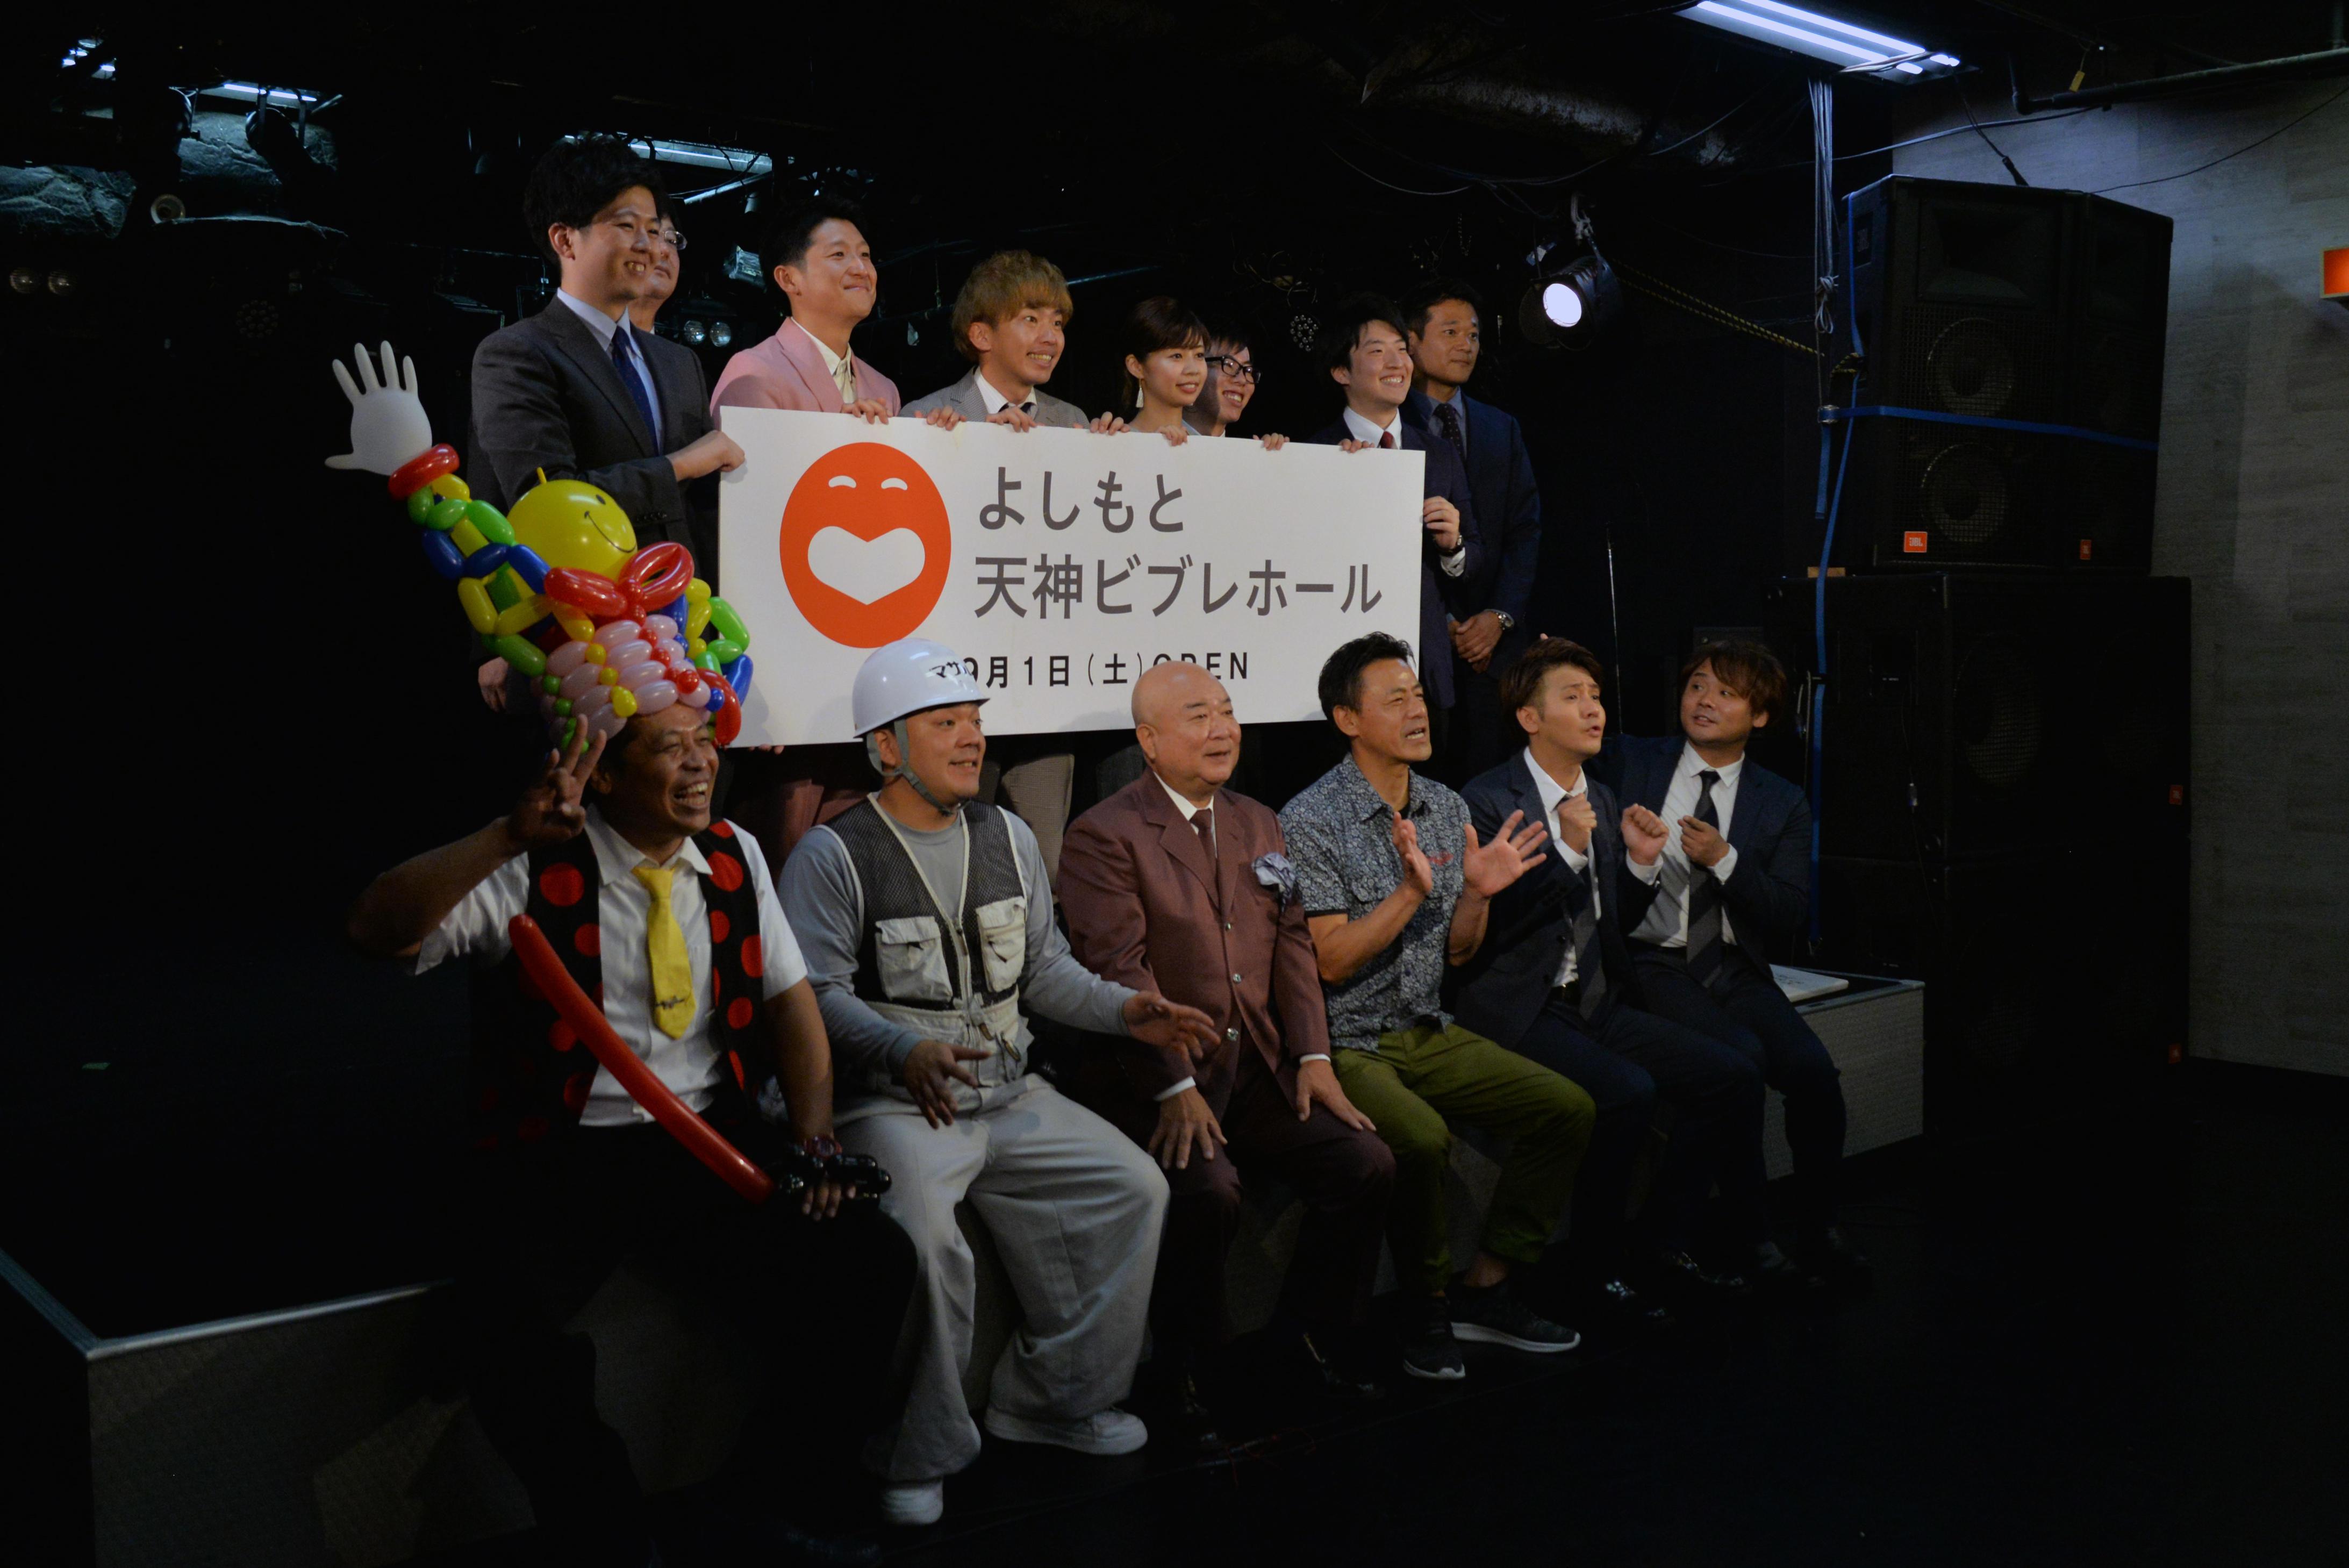 http://news.yoshimoto.co.jp/20180711161240-1dcc976b96f4832eddb4e268909fc3bc0e76e99c.jpg